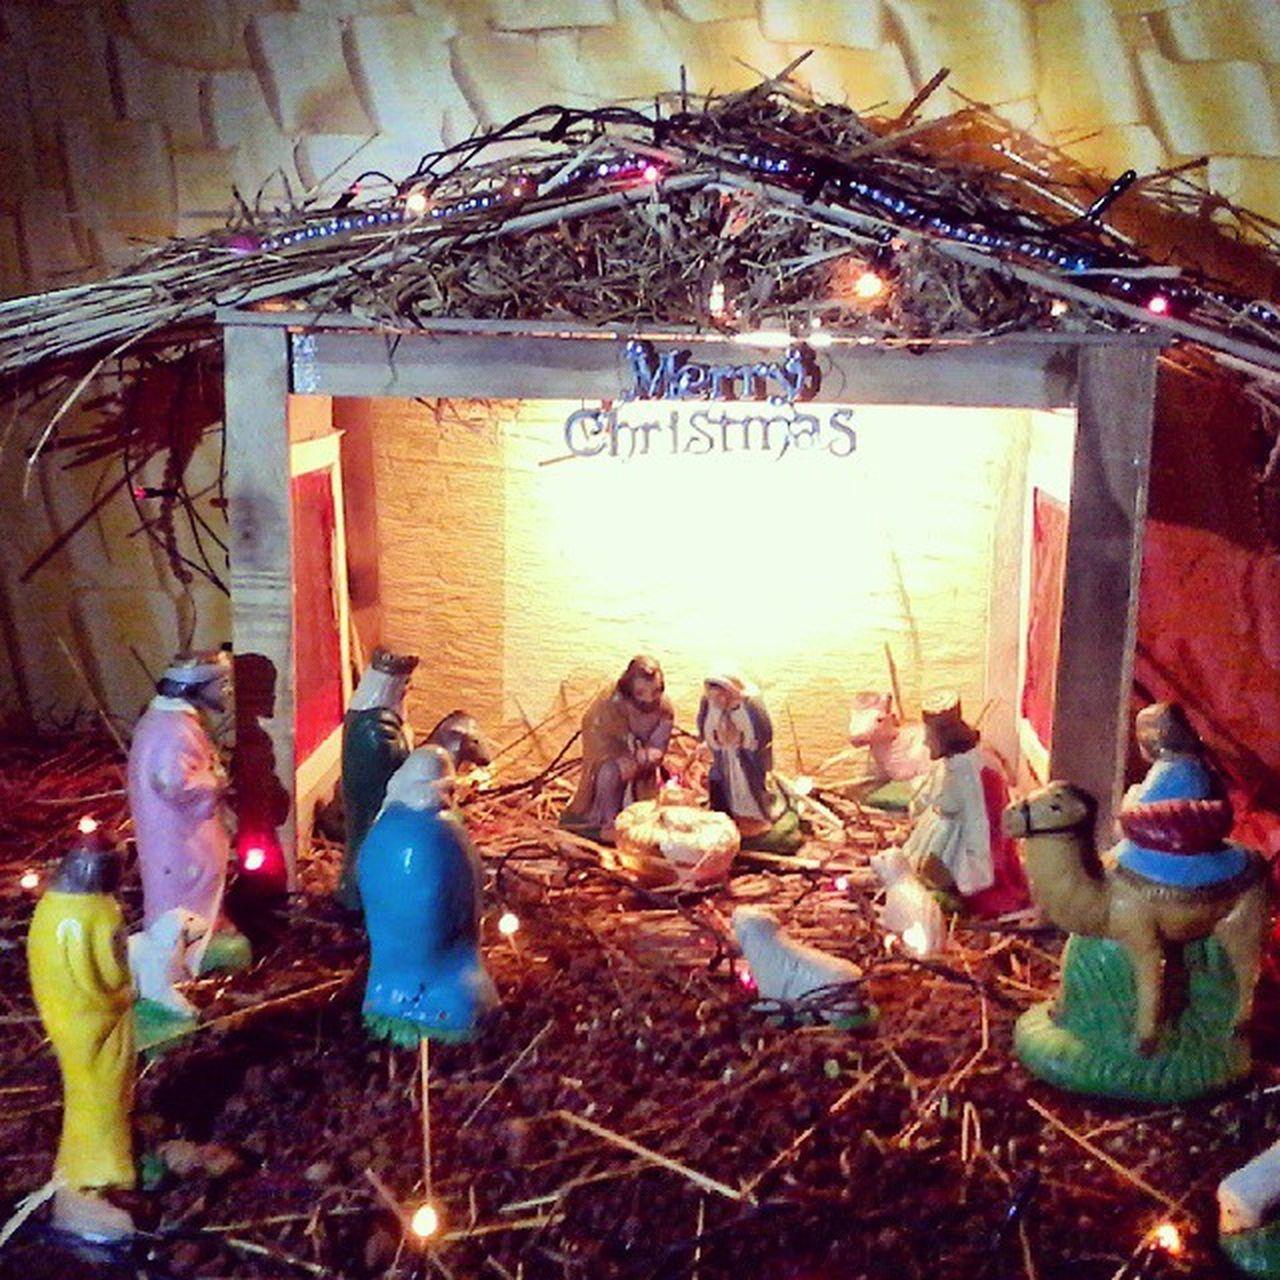 Nativity_Scene Chrismas Celebration Illuminated